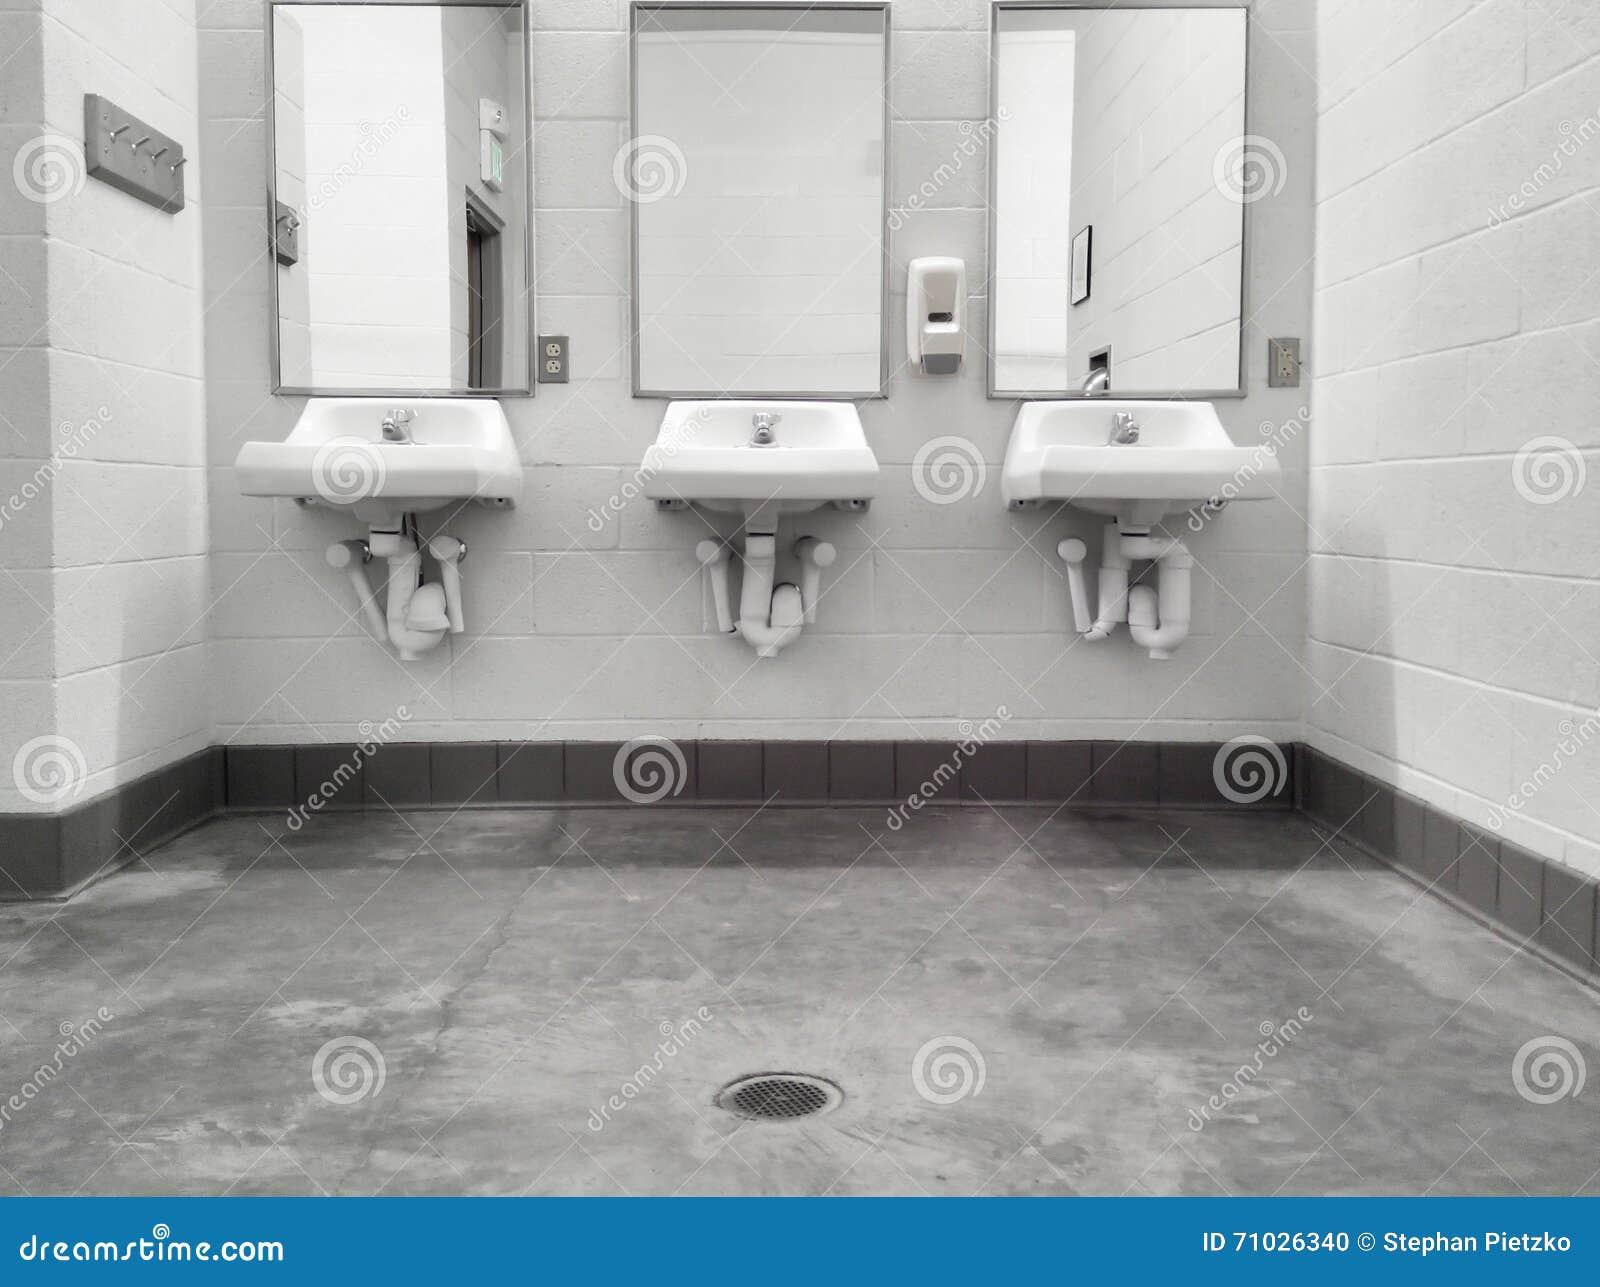 public bathroom mirror. Wonderful Bathroom Public Bathroom Mirrors Inside Public Bathroom Mirror E